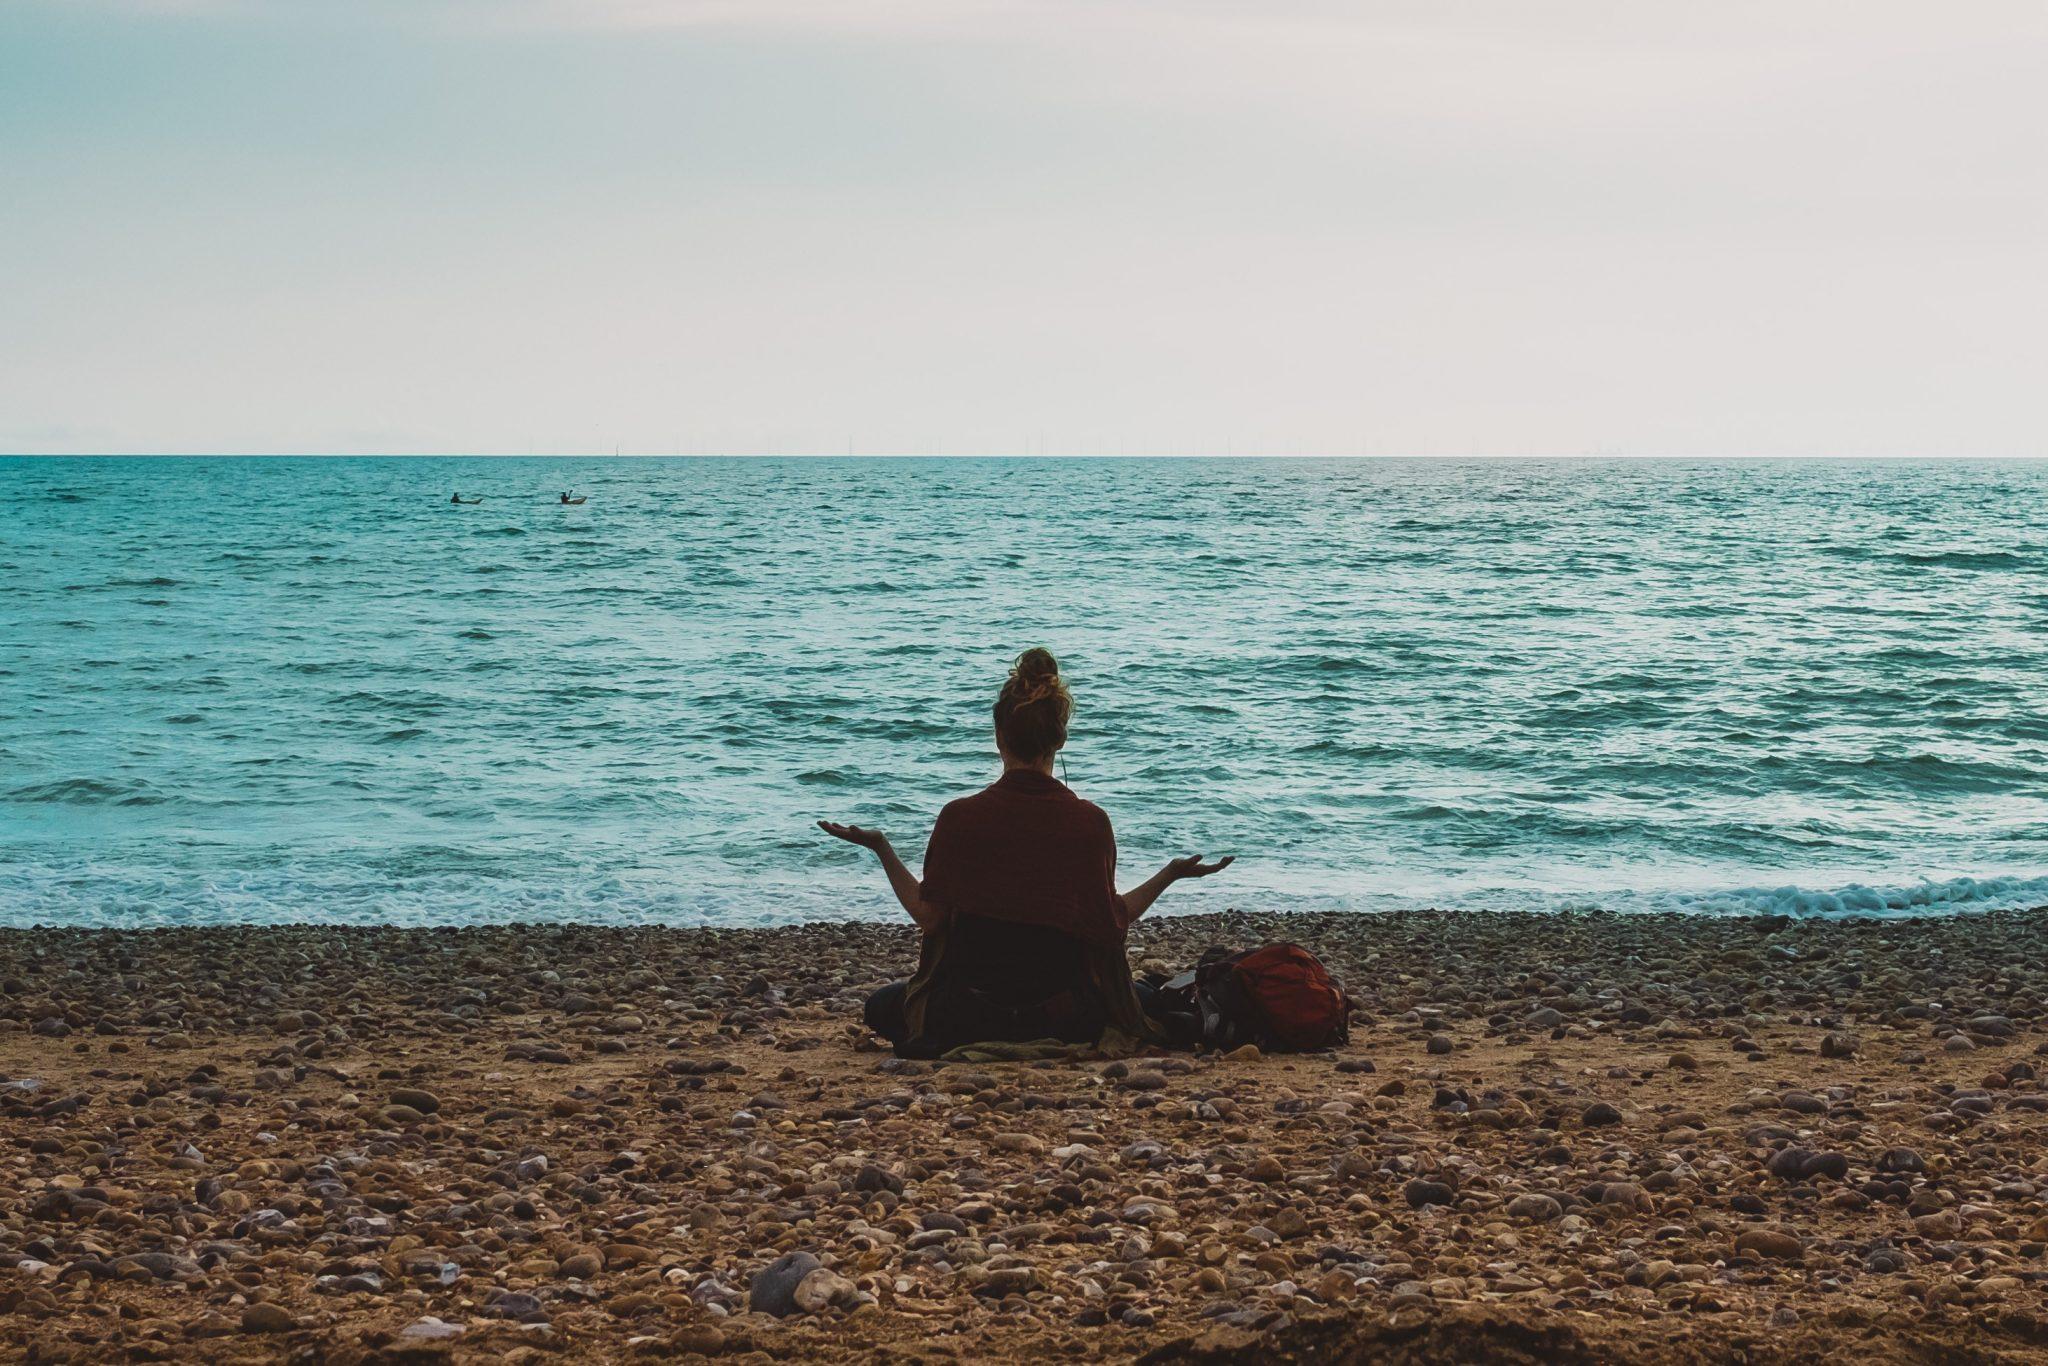 Warsztaty medytacji, czyli wycieczka wgłąb siebie 2